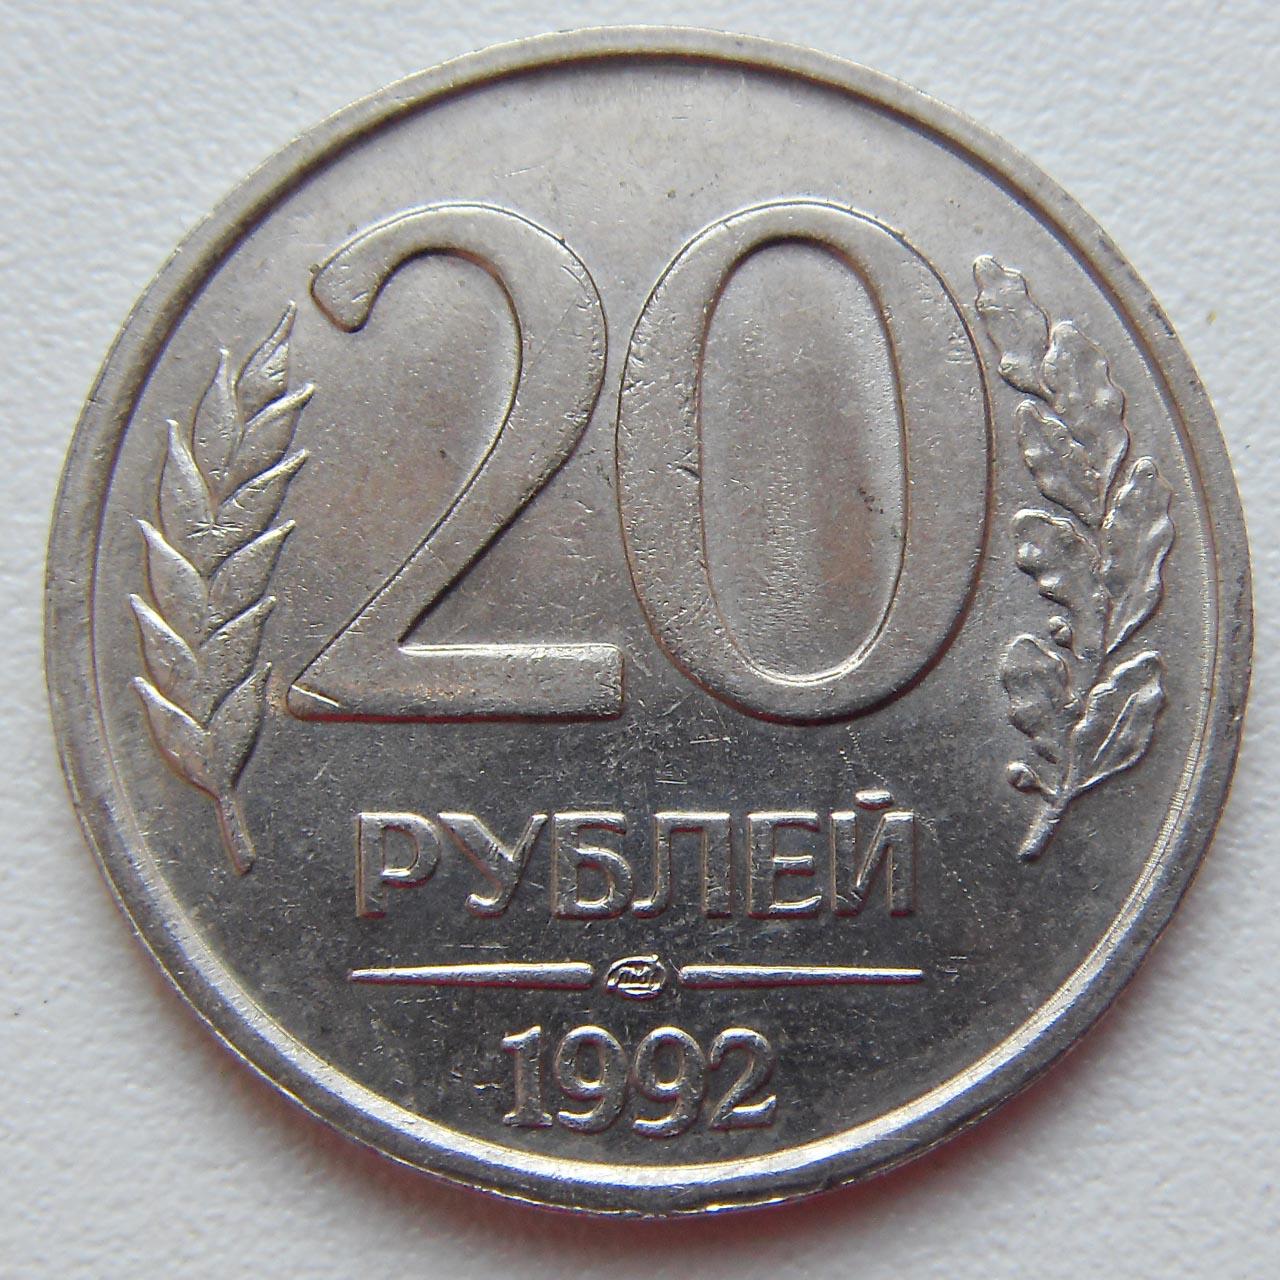 Сколько стоит 20 руб 1992 года цена продать советские монеты на вес